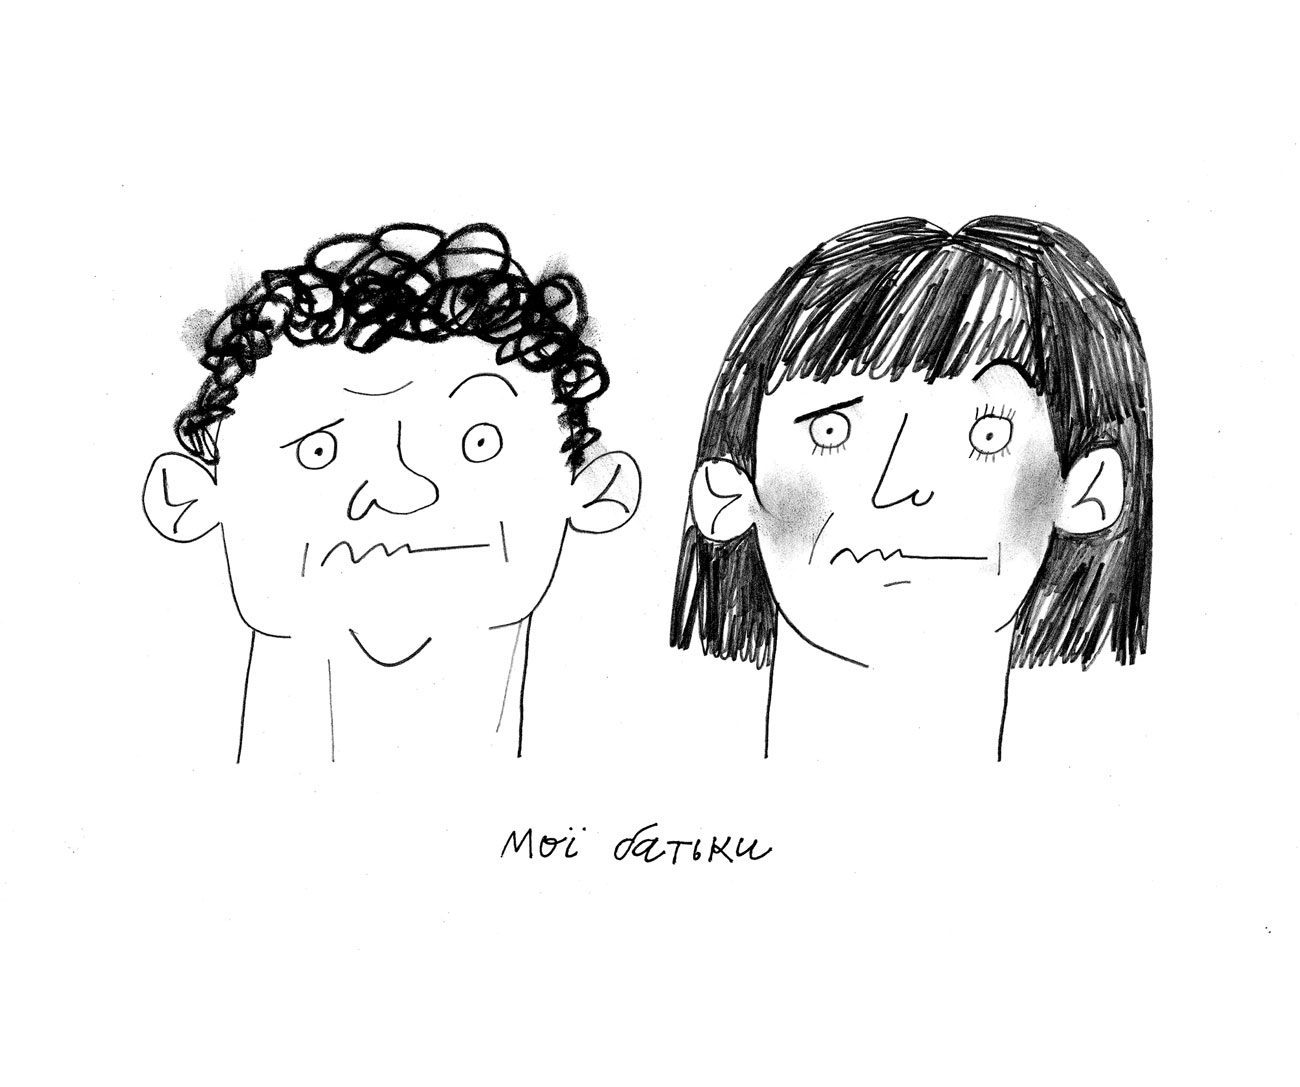 comics oliynik 09 - <b>Вам дісталася сумна дитина.</b> Комікс Жені Олійник про те, як депресія впливає на стосунки - Заборона